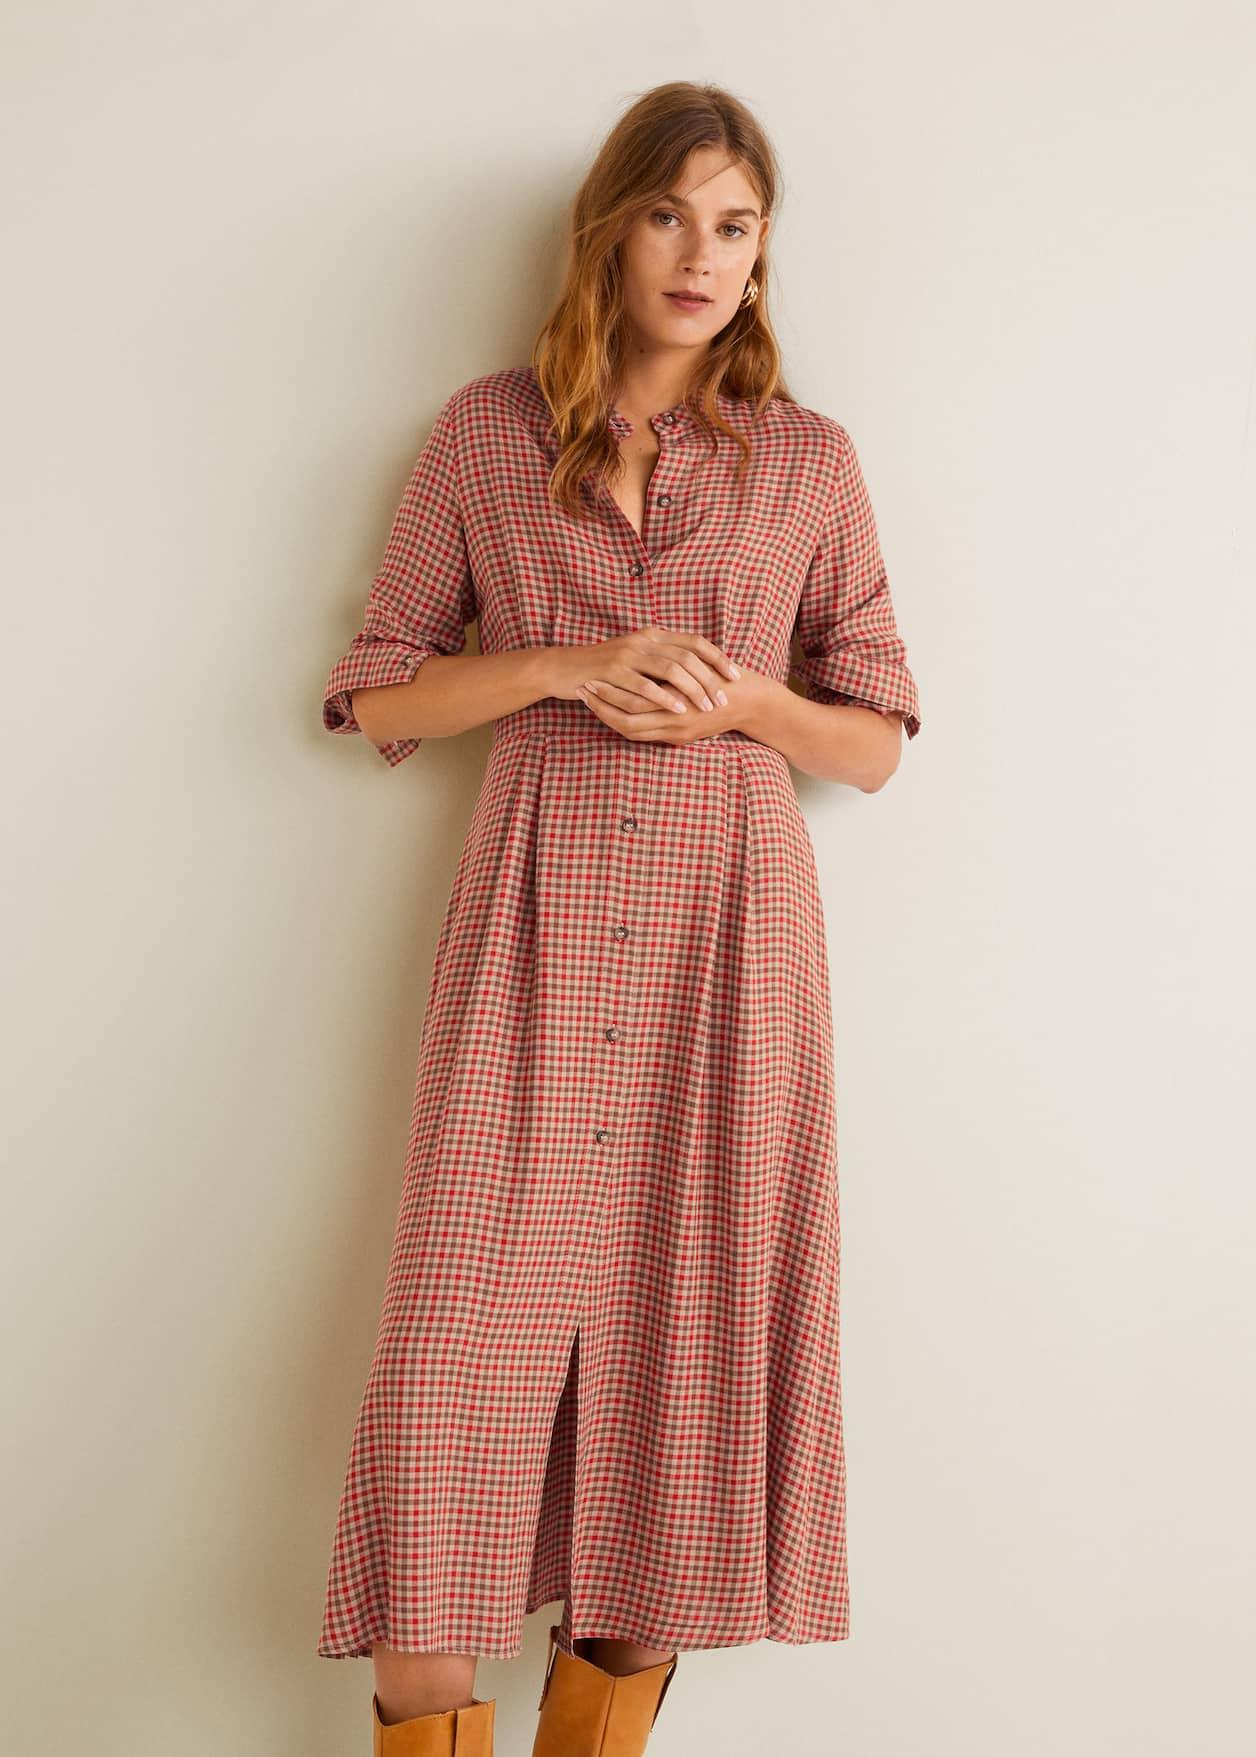 buy online 66032 ce2cc Abiti - Abbigliamento - Donna | OUTLET Italia